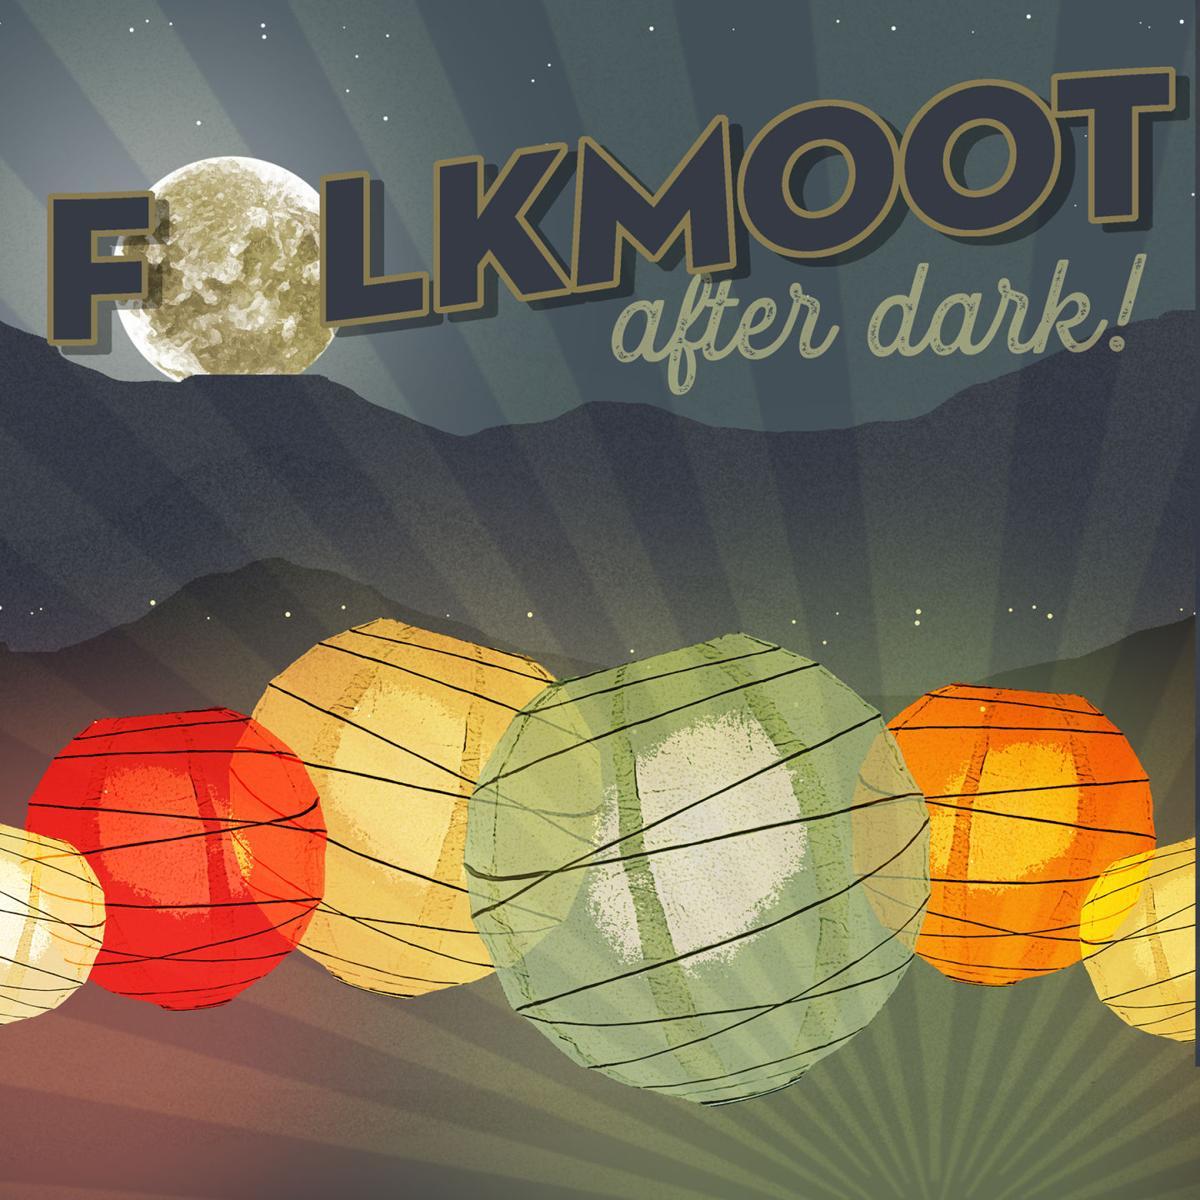 fkmt_dark_alternate.jpg